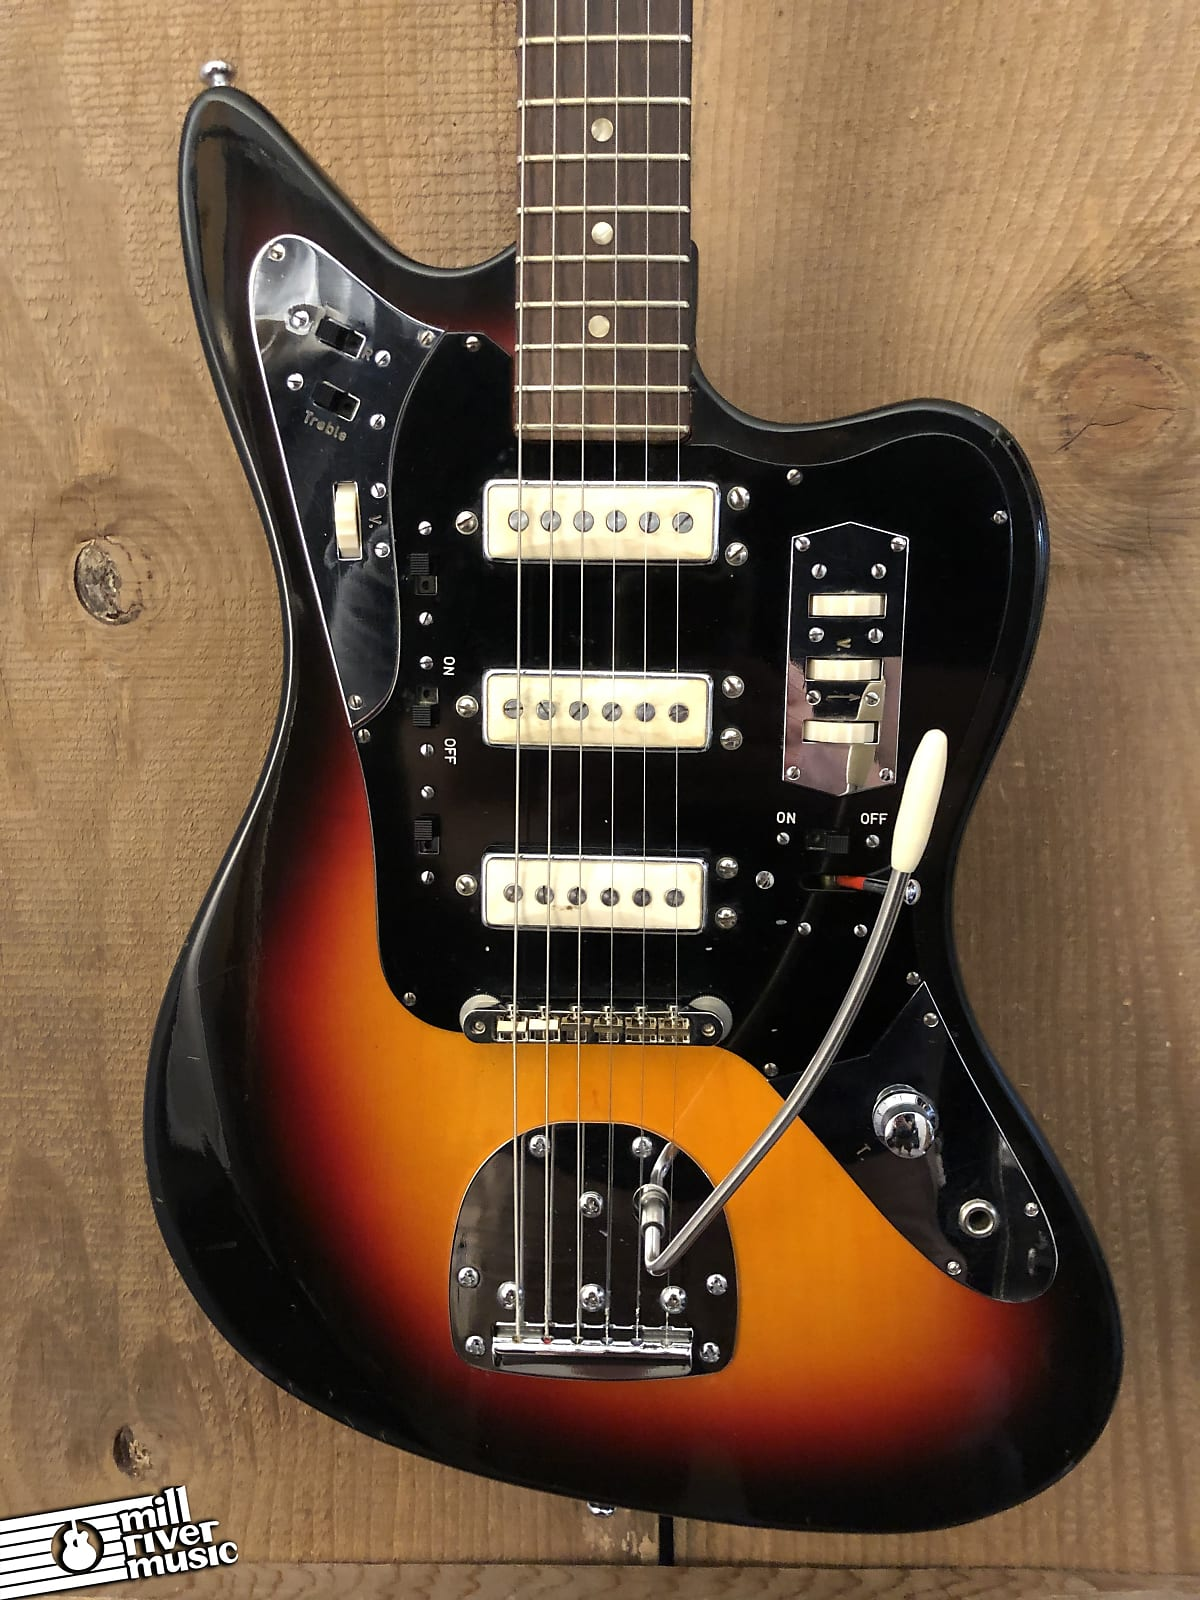 Klira 233 Star Club Vintage Offset Sunburst c. 1960s w/ OHSC Germany